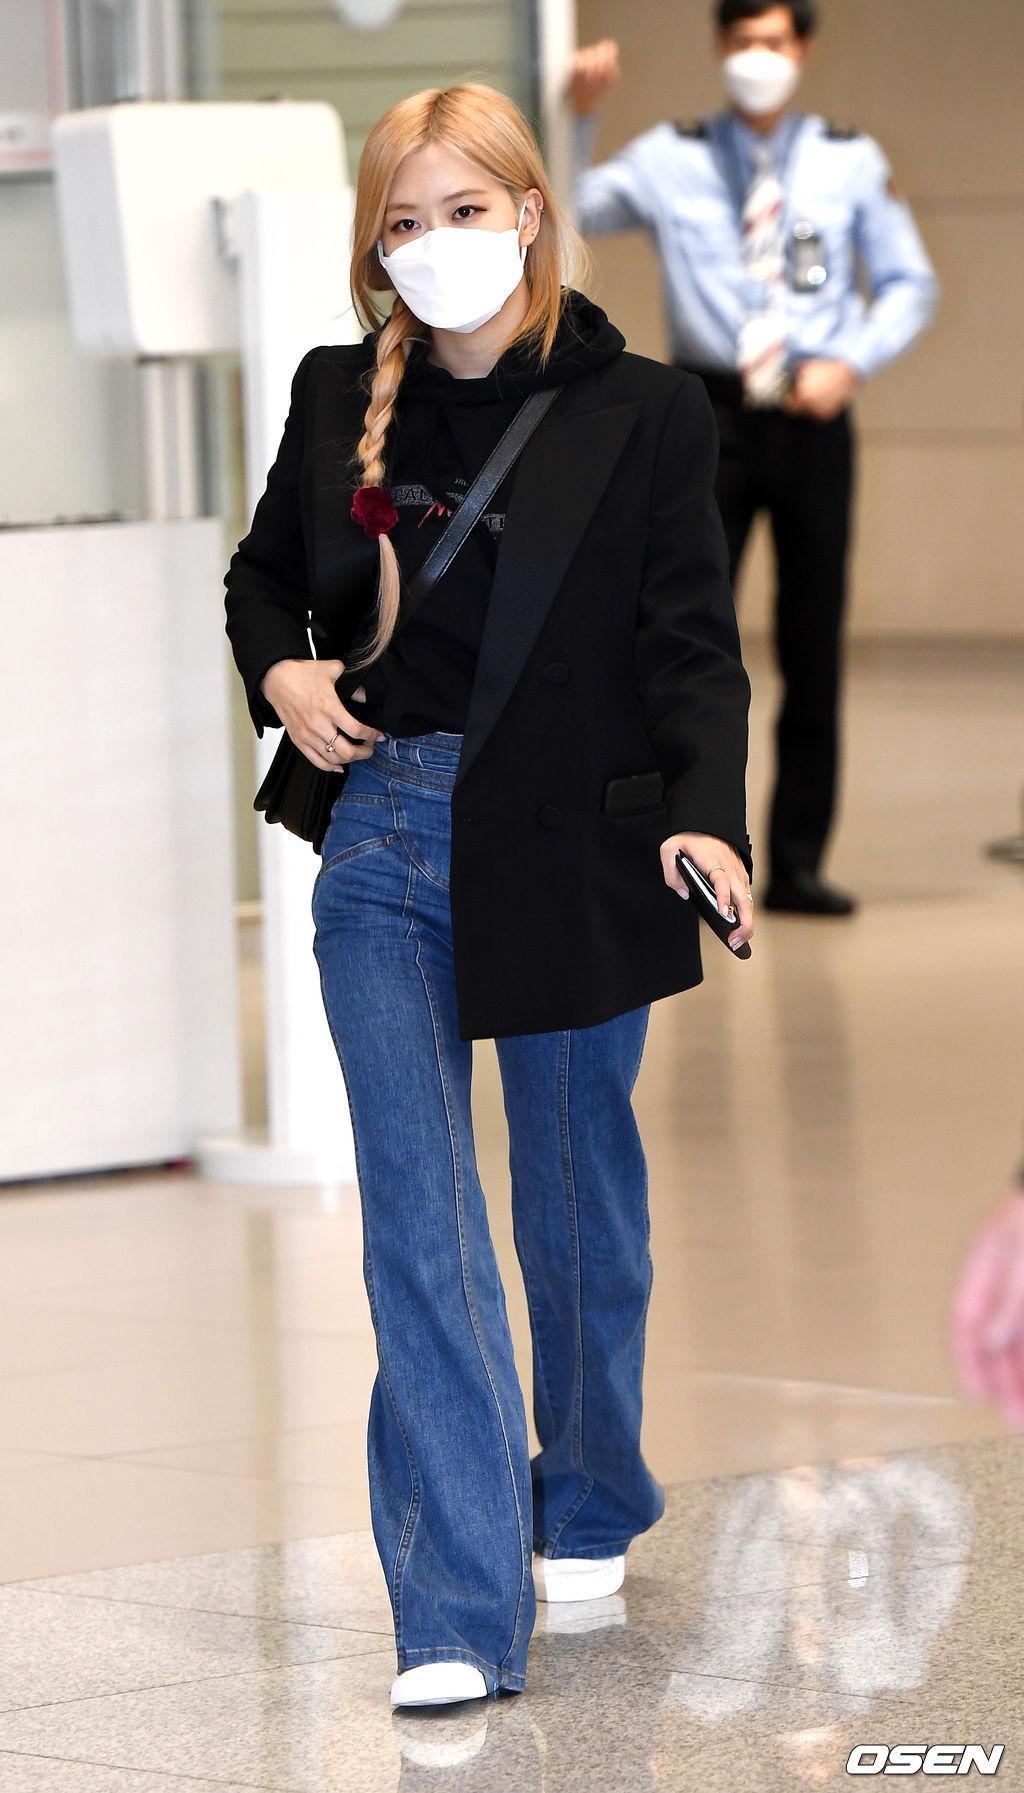 Nhược điểm chân của nữ idol cũng có thể khắc phục được bởi kiểu quần ống loe. Dáng quần này ôm sát vào đùi nhưng lại loe rộng phần bắp chân nên vòng kiềng mấy cũng thành thẳng.